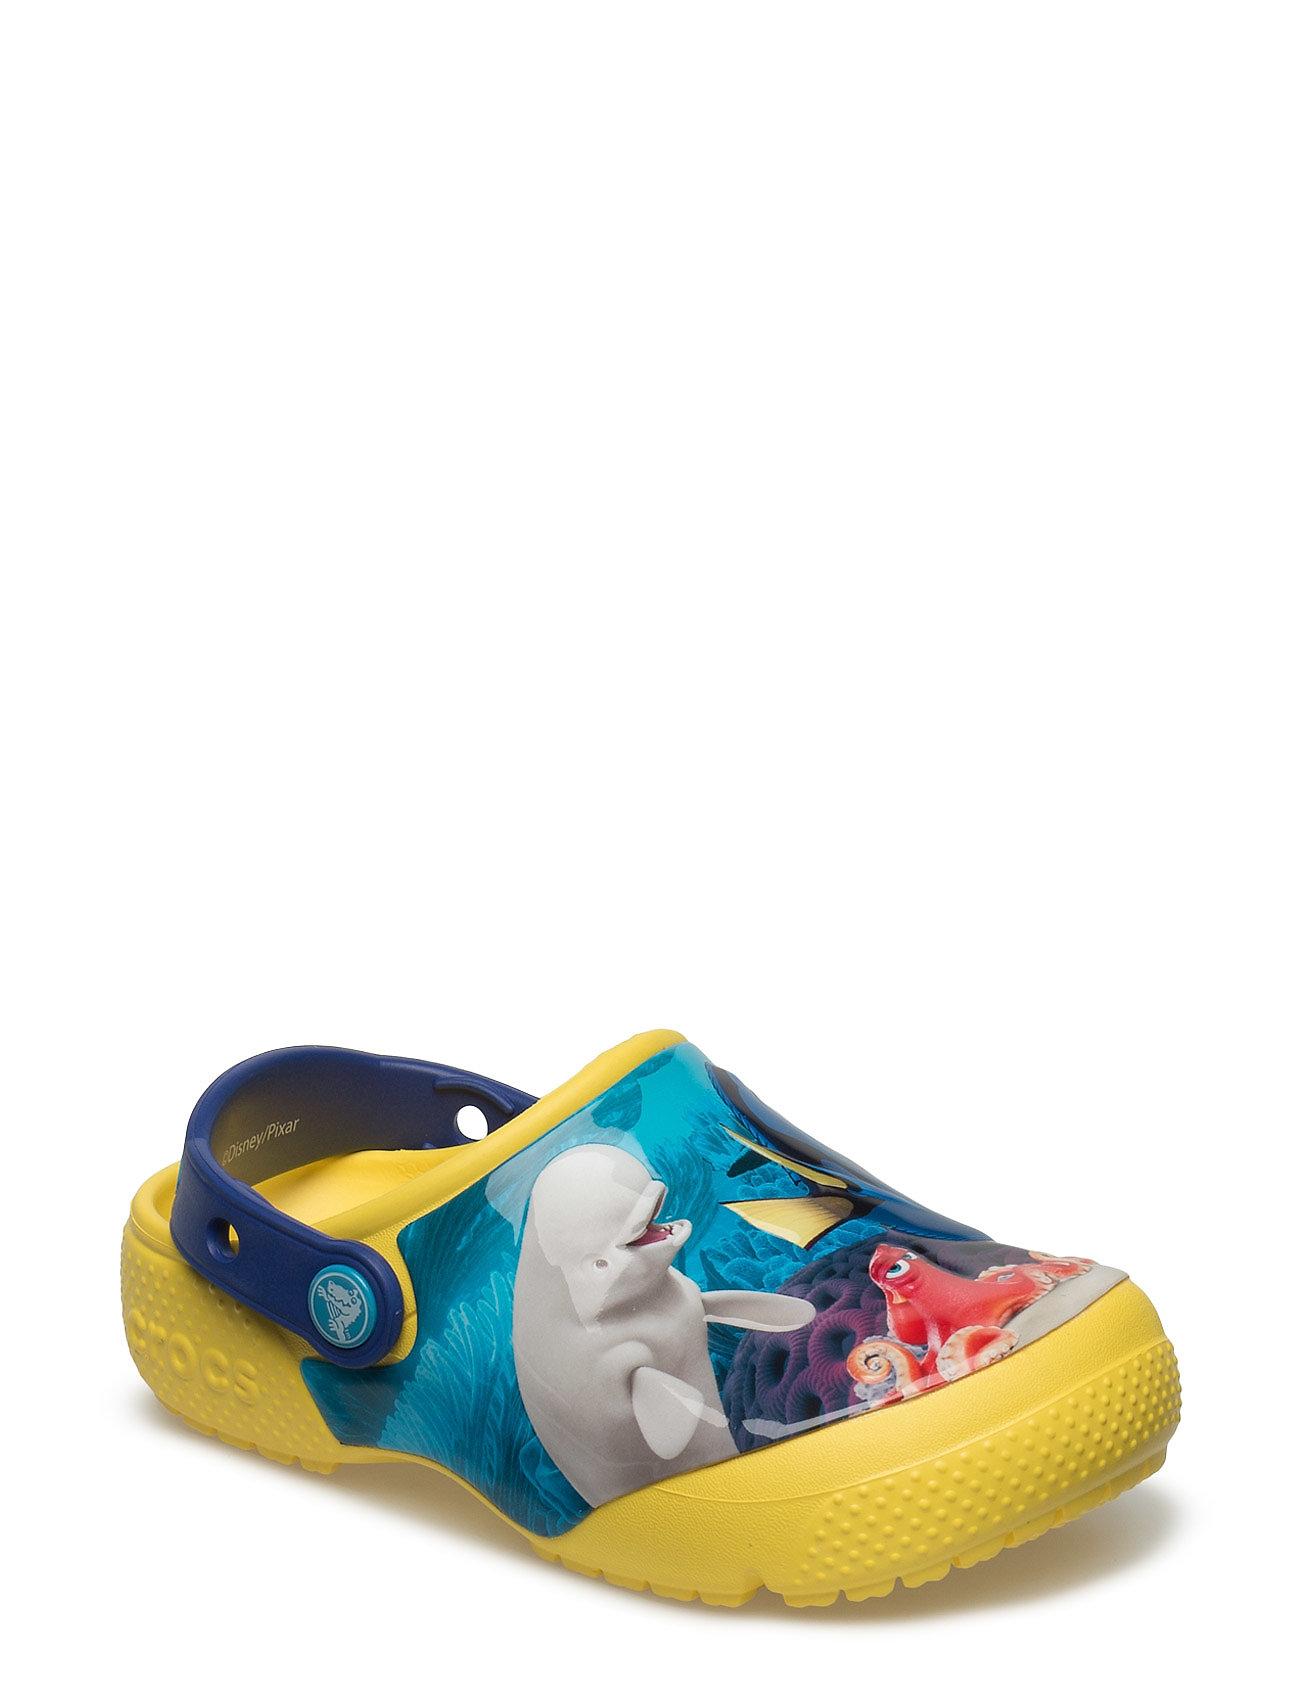 Crocsfunlab Dory Crocs Sandaler til Børn i